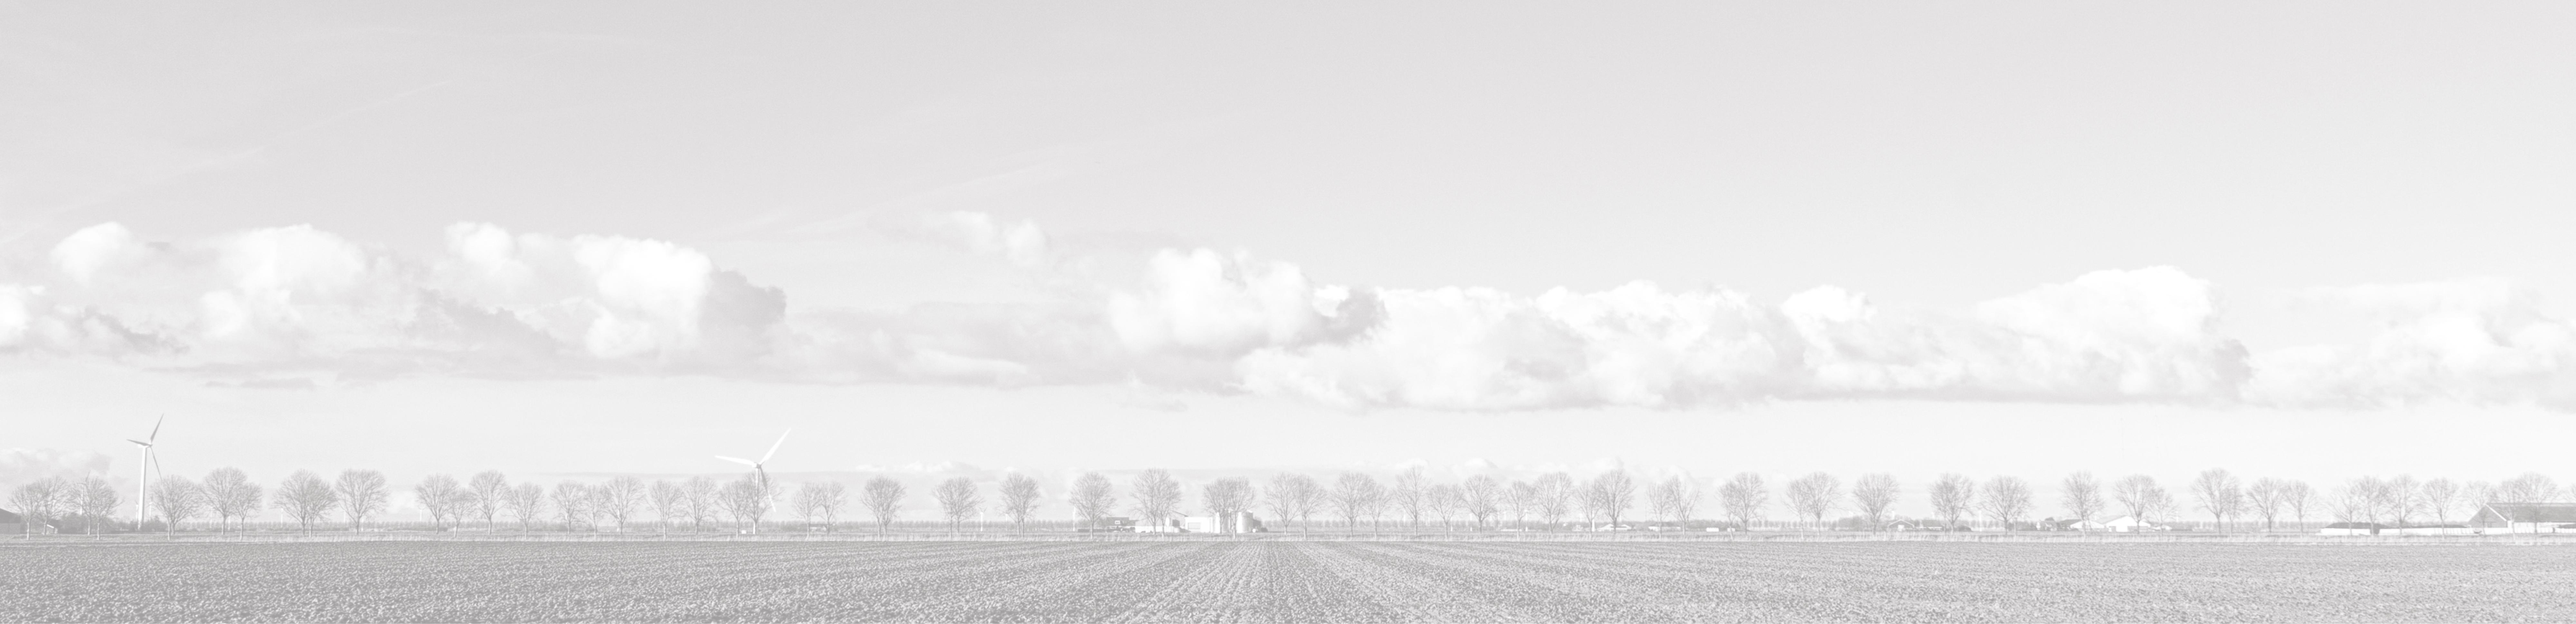 Uitvaarten, begrafenissen en crematie in Flevoland